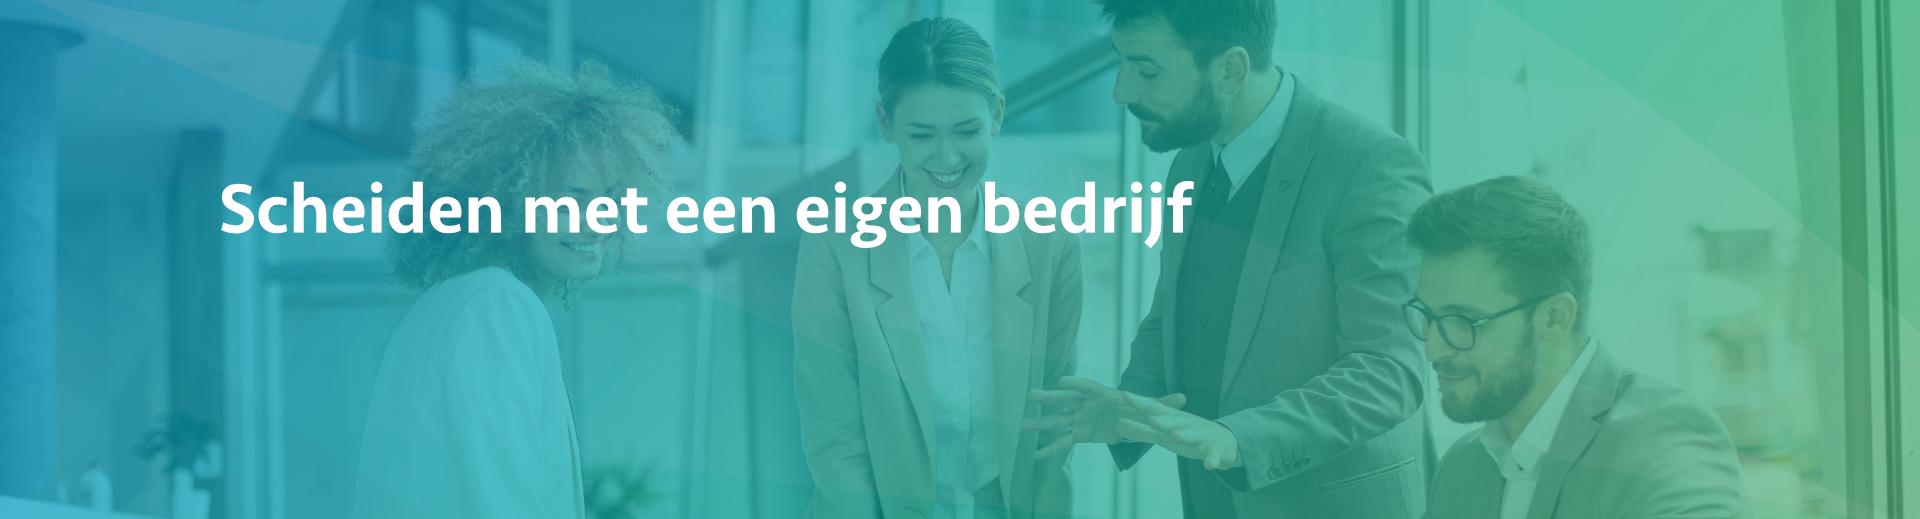 scheiden met een eigen bedrijf - Scheidingsplanner Den Haag & Rijswijk